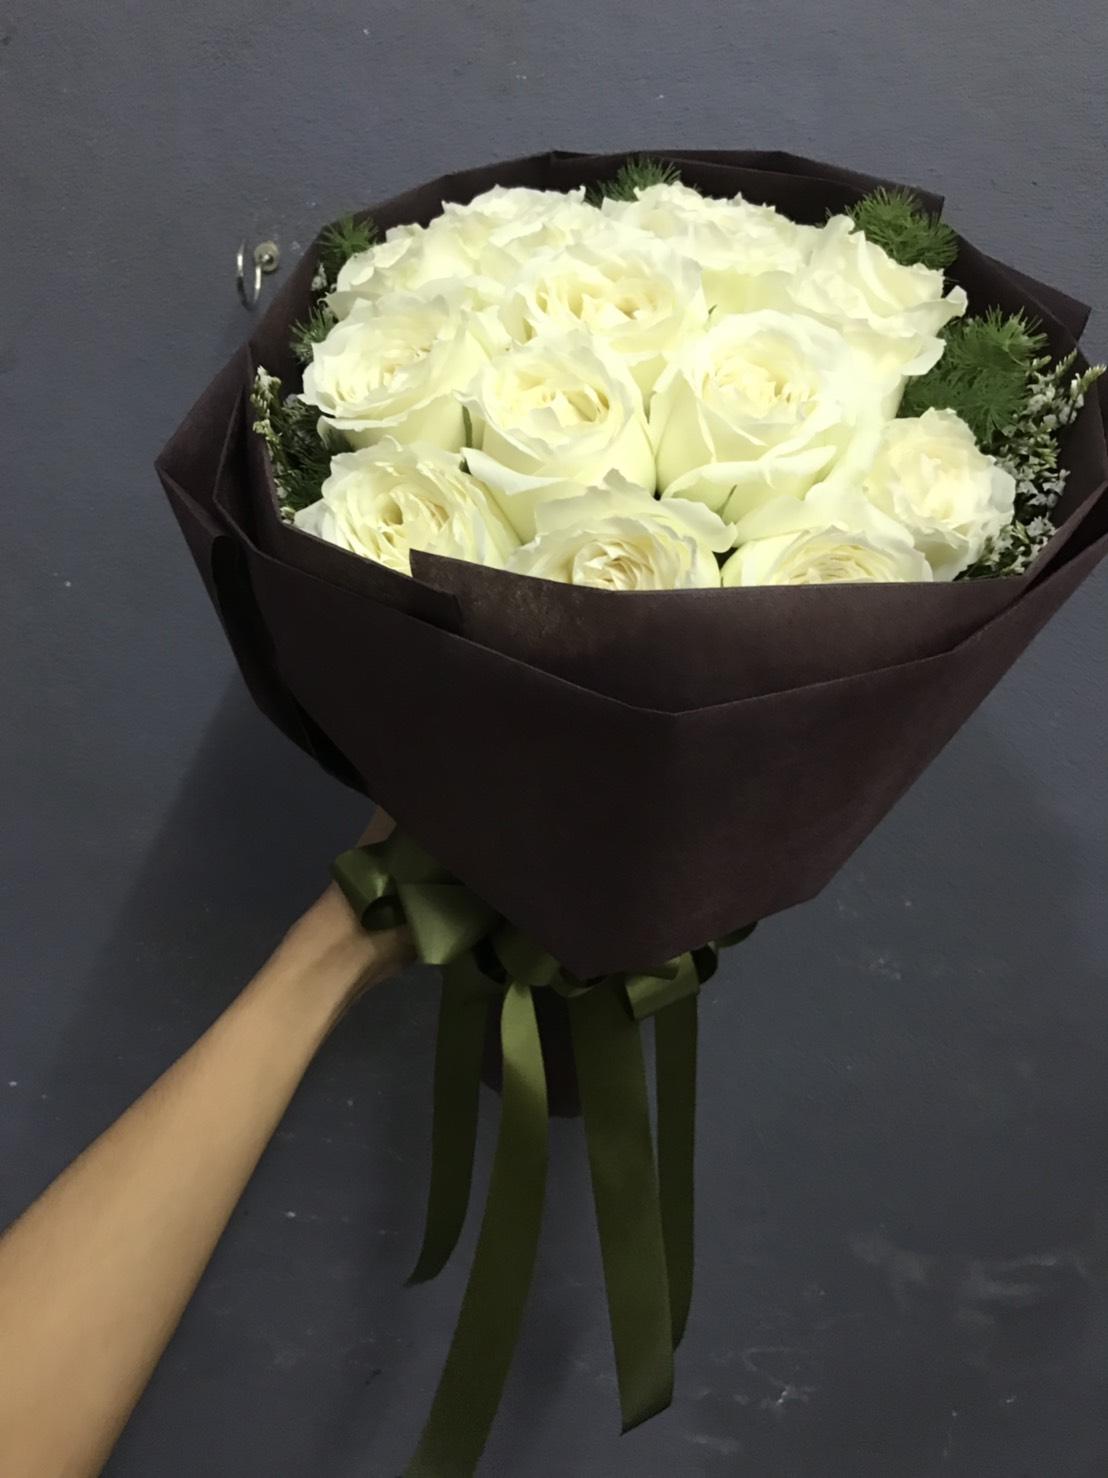 ช่อดอกกุหลาบขาว จัดเป็นช่อสวยแบบเรียบหรู น่าทะนุถนอมสุด ๆ เลยค่ะ